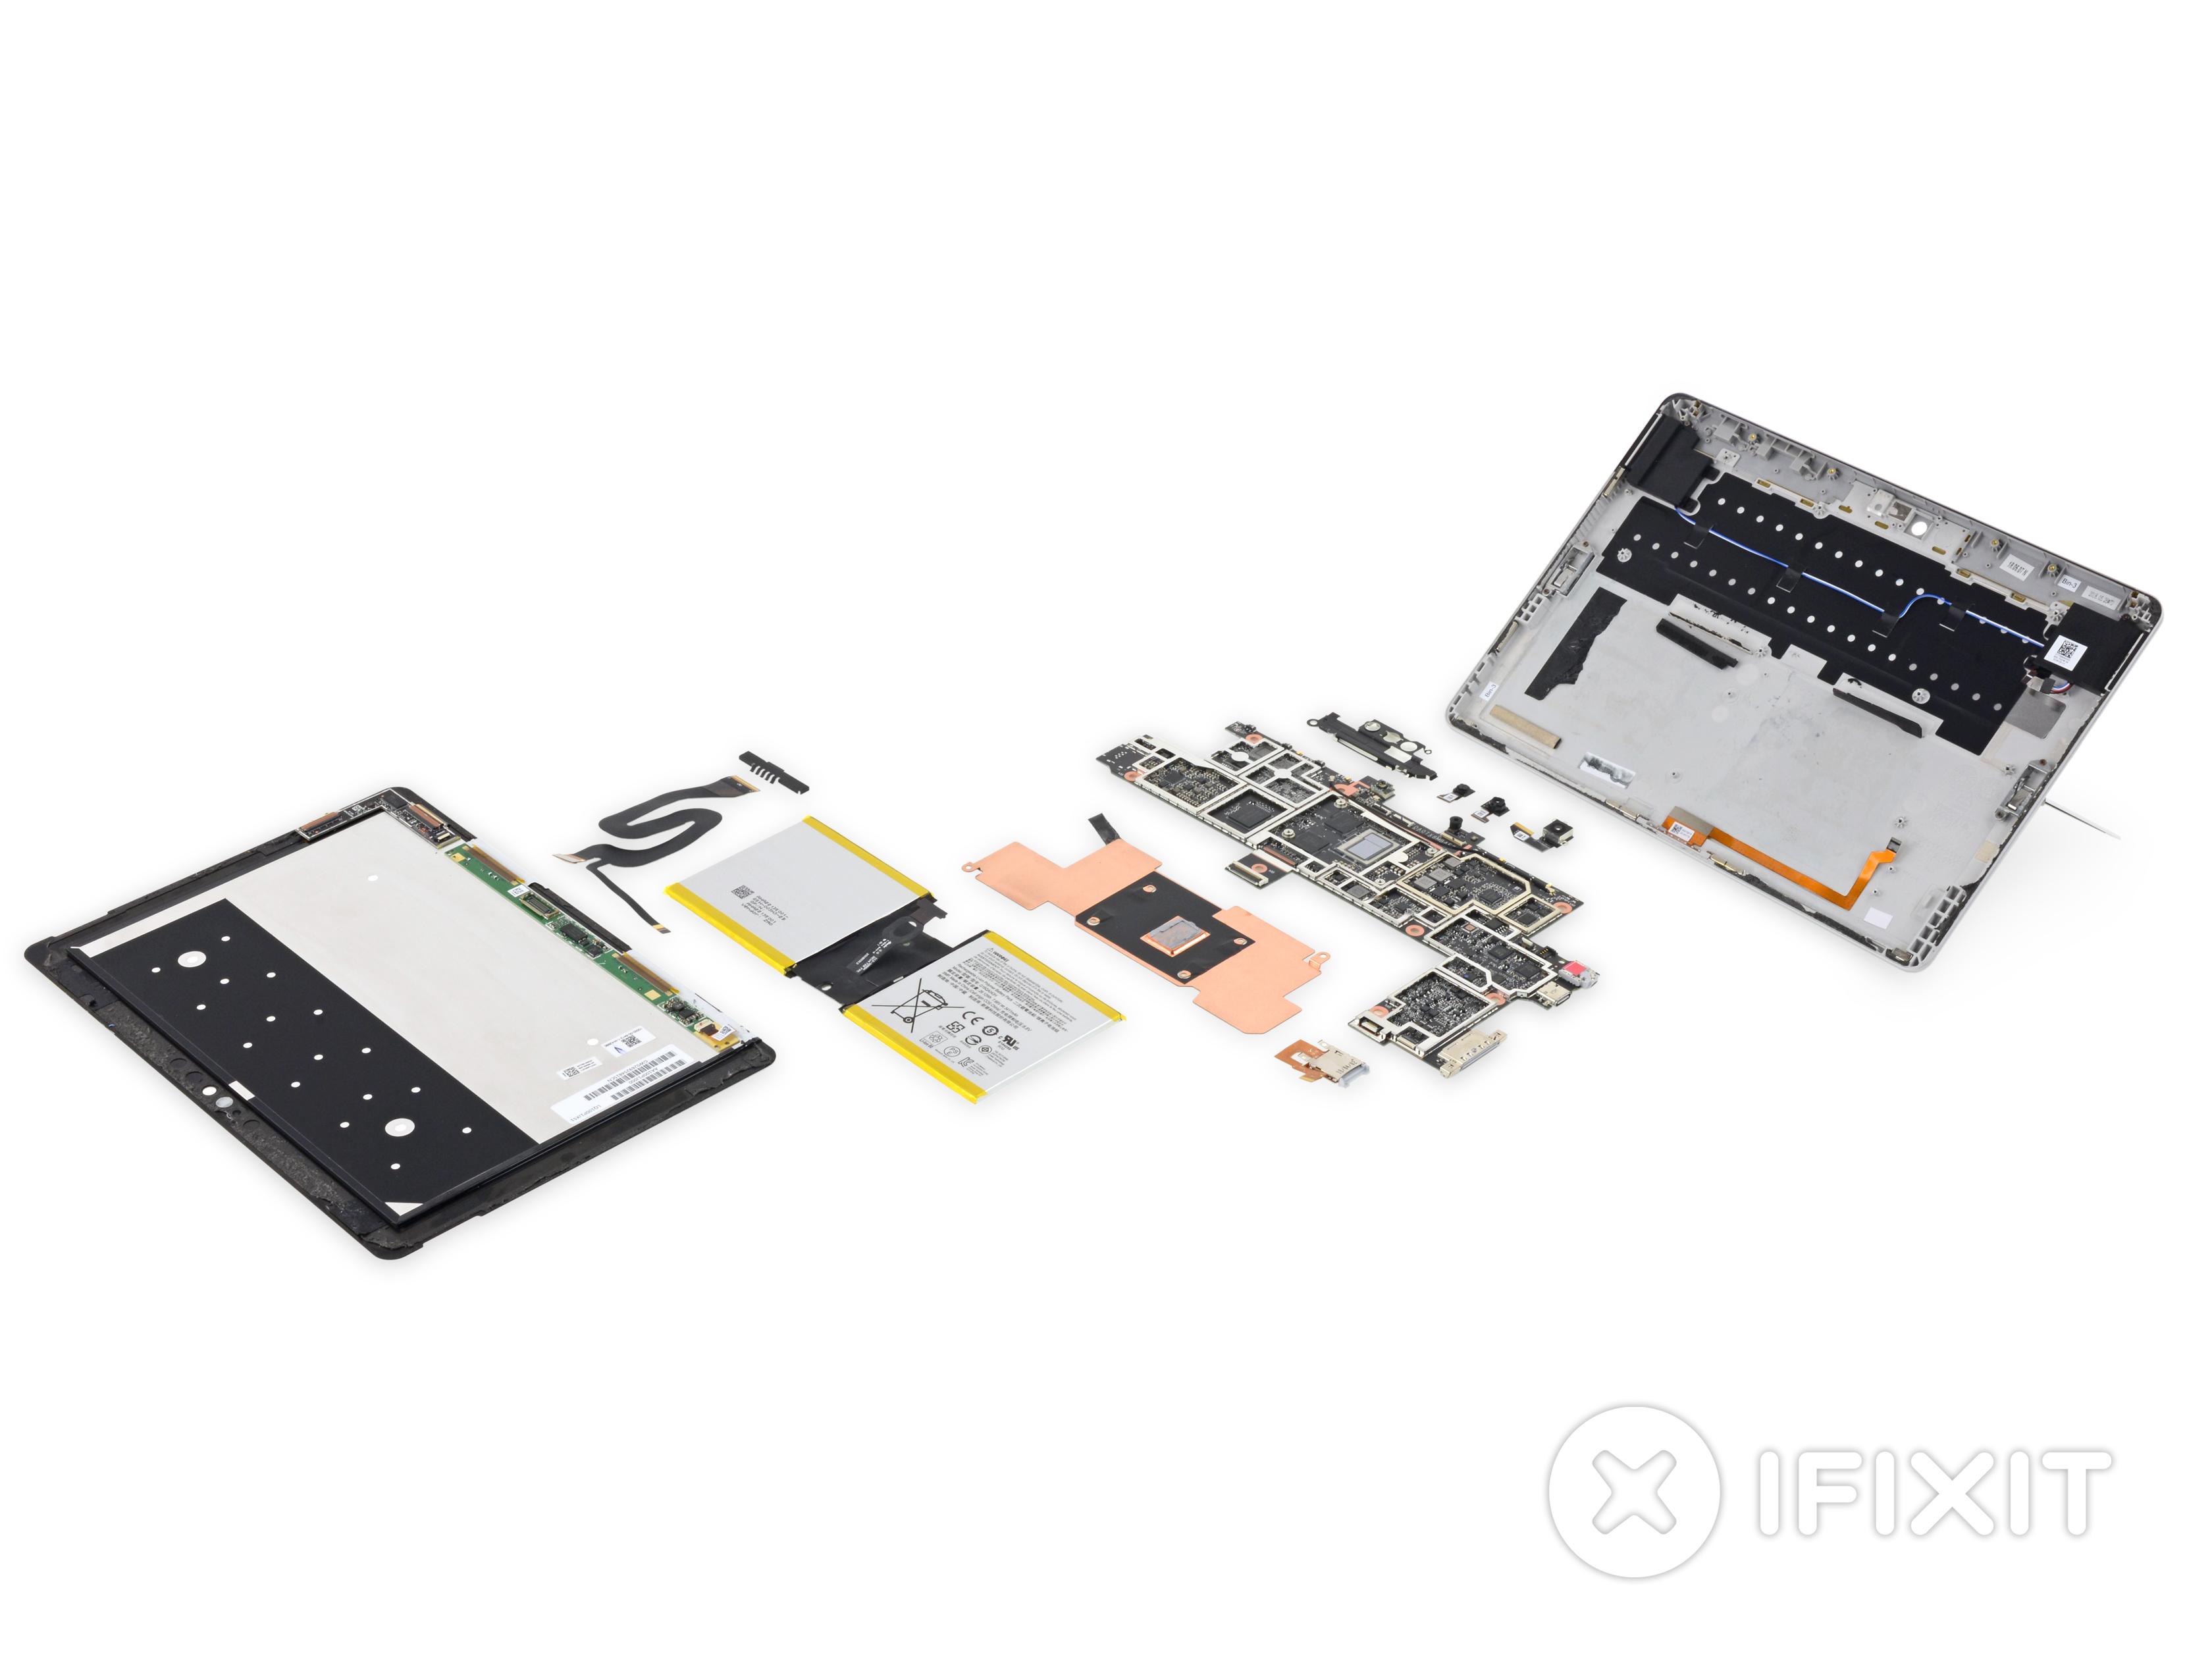 Microsoft Surface Go Teardown